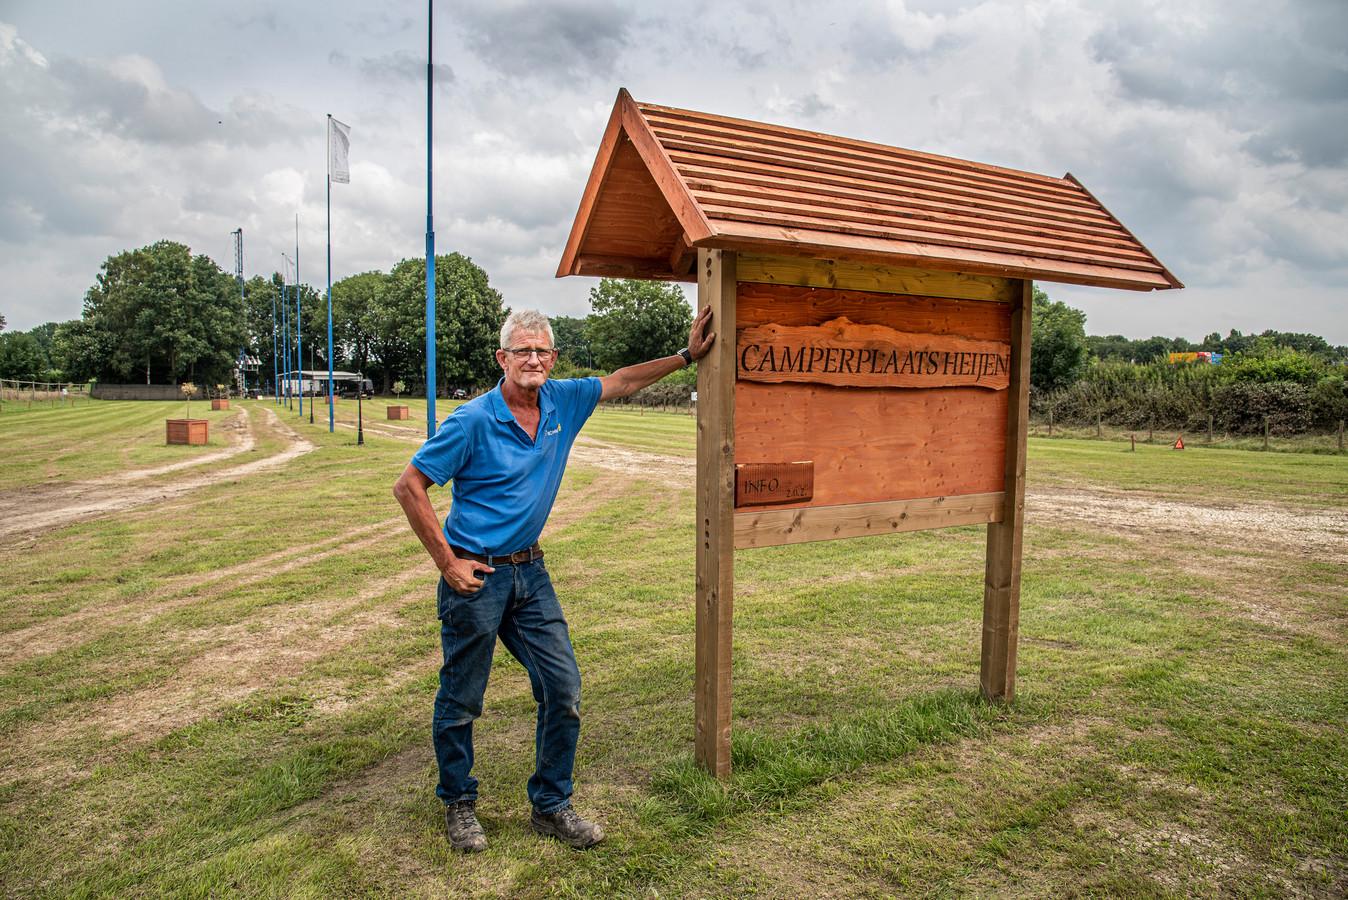 Sjaak Burgman uit Heijen heeft aan de Mergeldijk in Heijen een camperplaats gemaakt. op het gildeterrein.